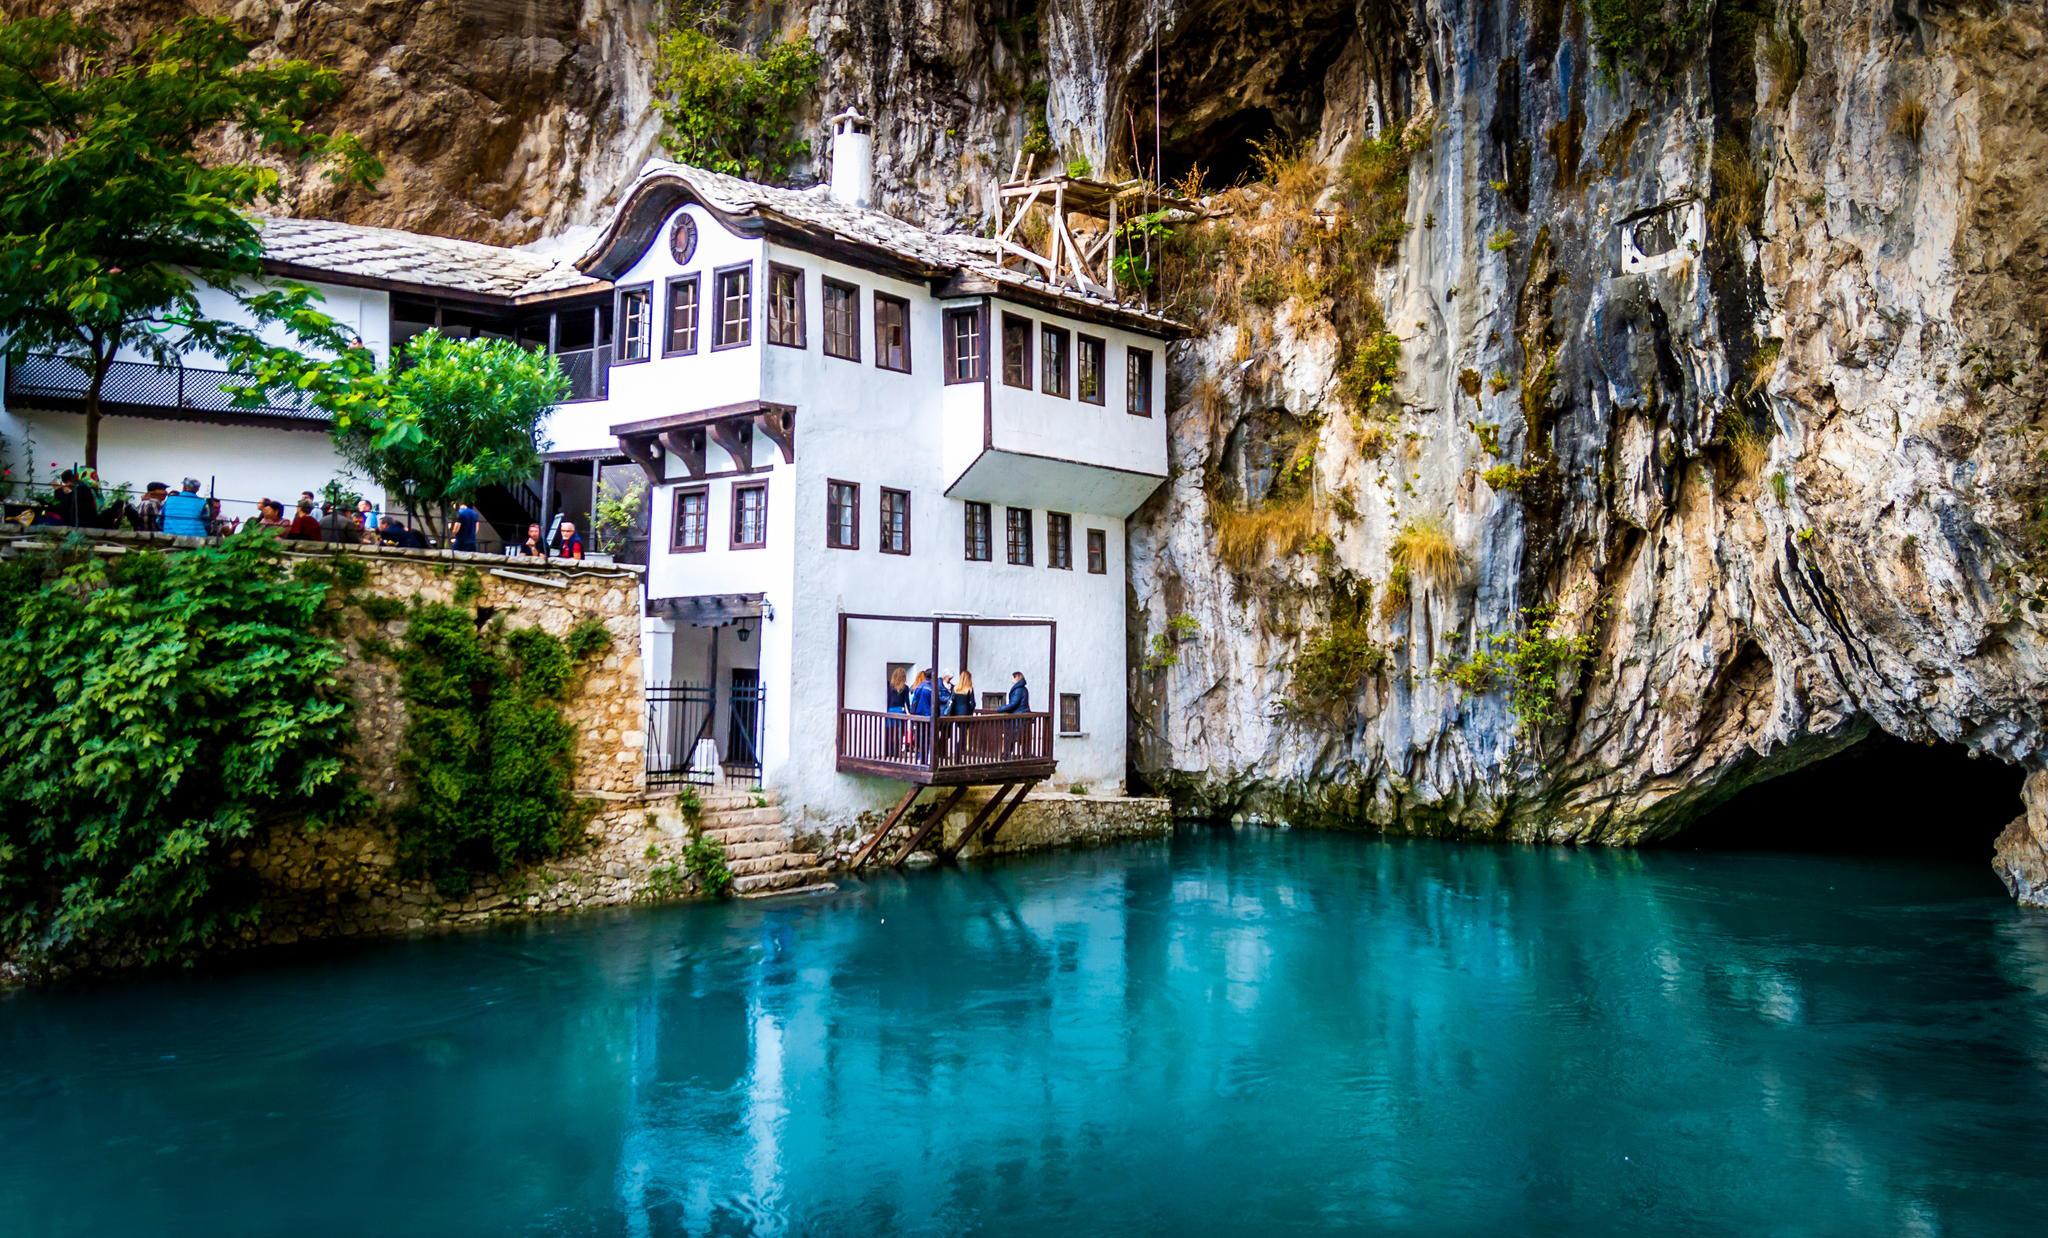 Турецкий султан приказал построить красивую текию рядом с нереальной зелёно-голубой водой Буны